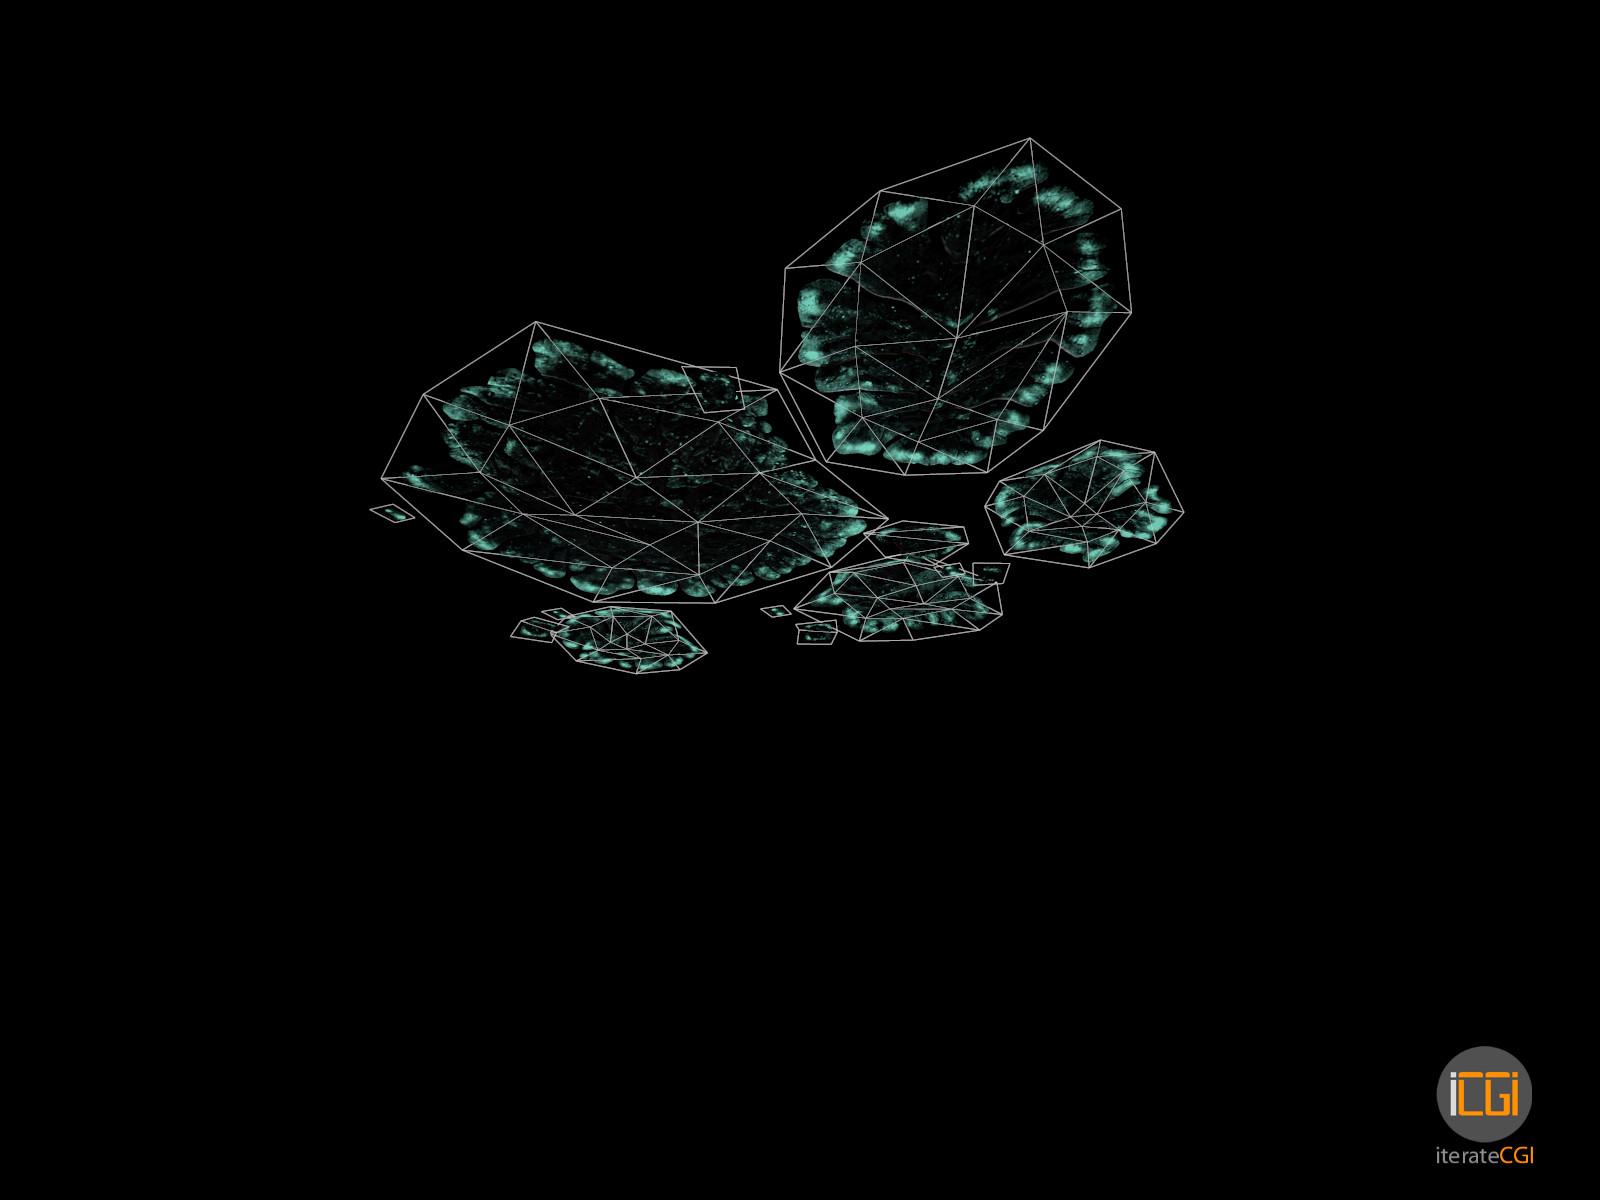 Johan de leenheer alien plant lichen type1 16